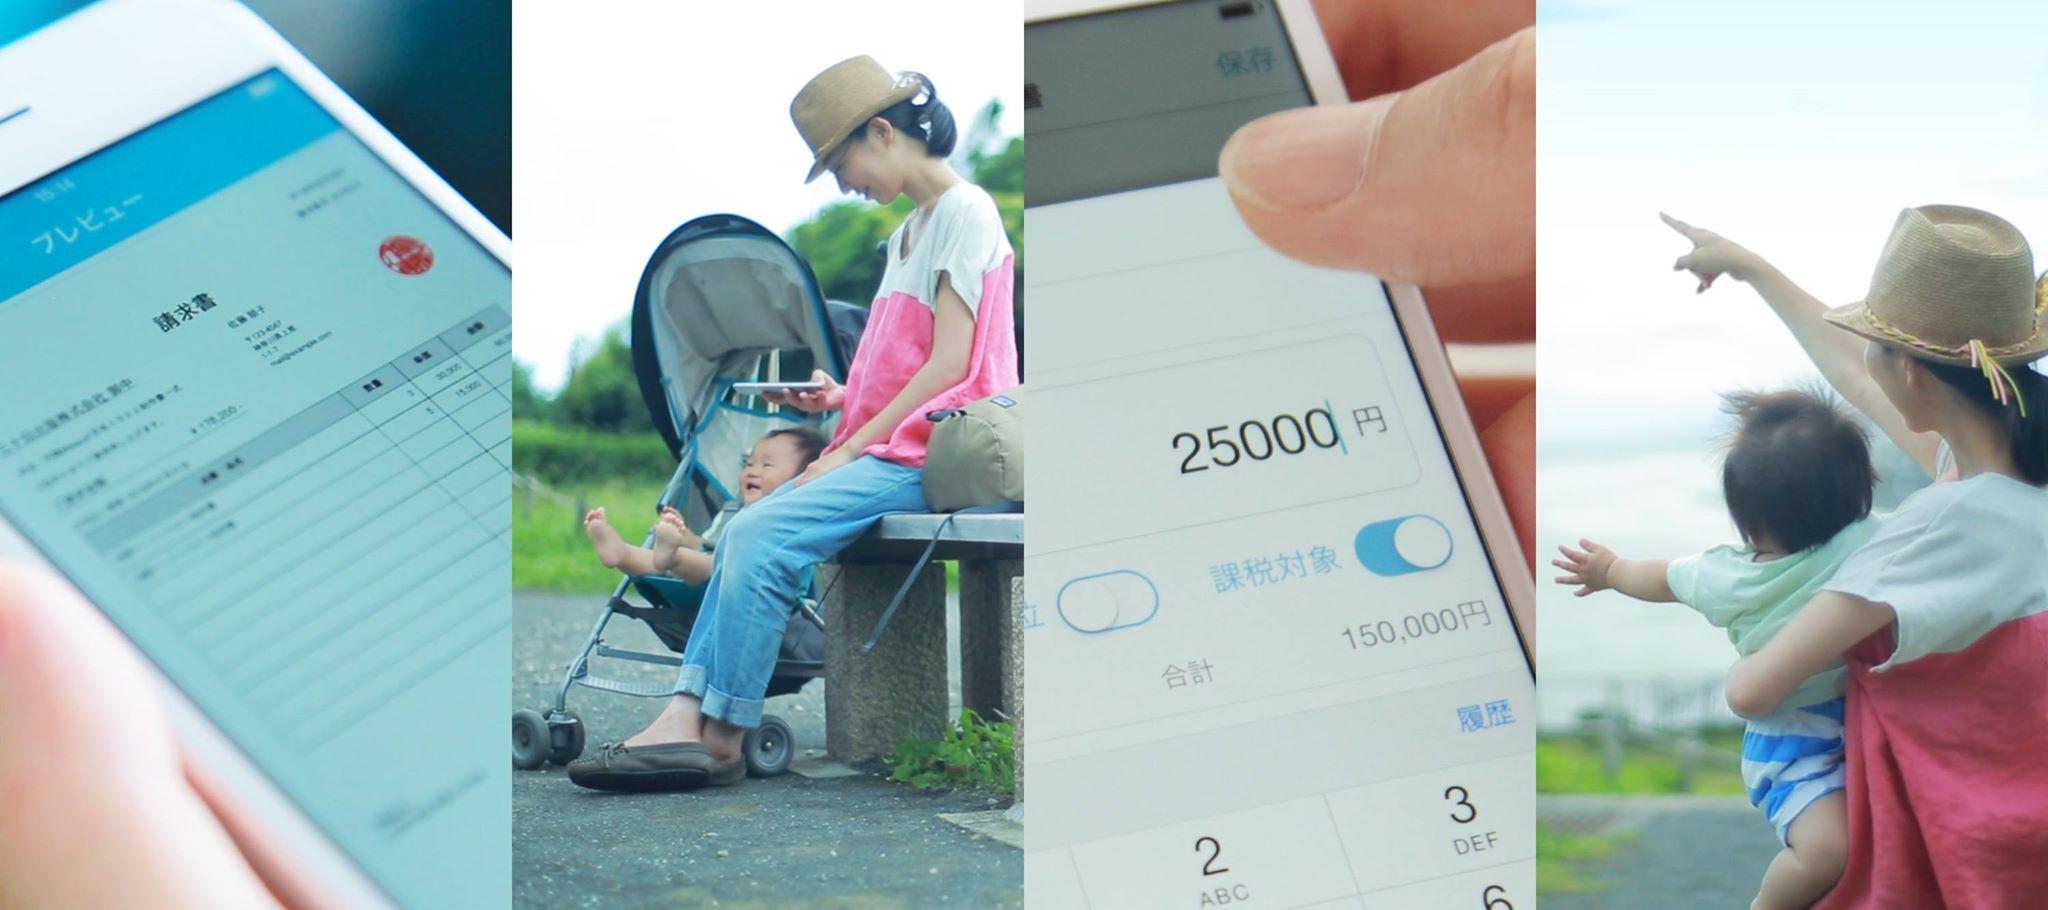 Misocaアプリ 使用イメージ